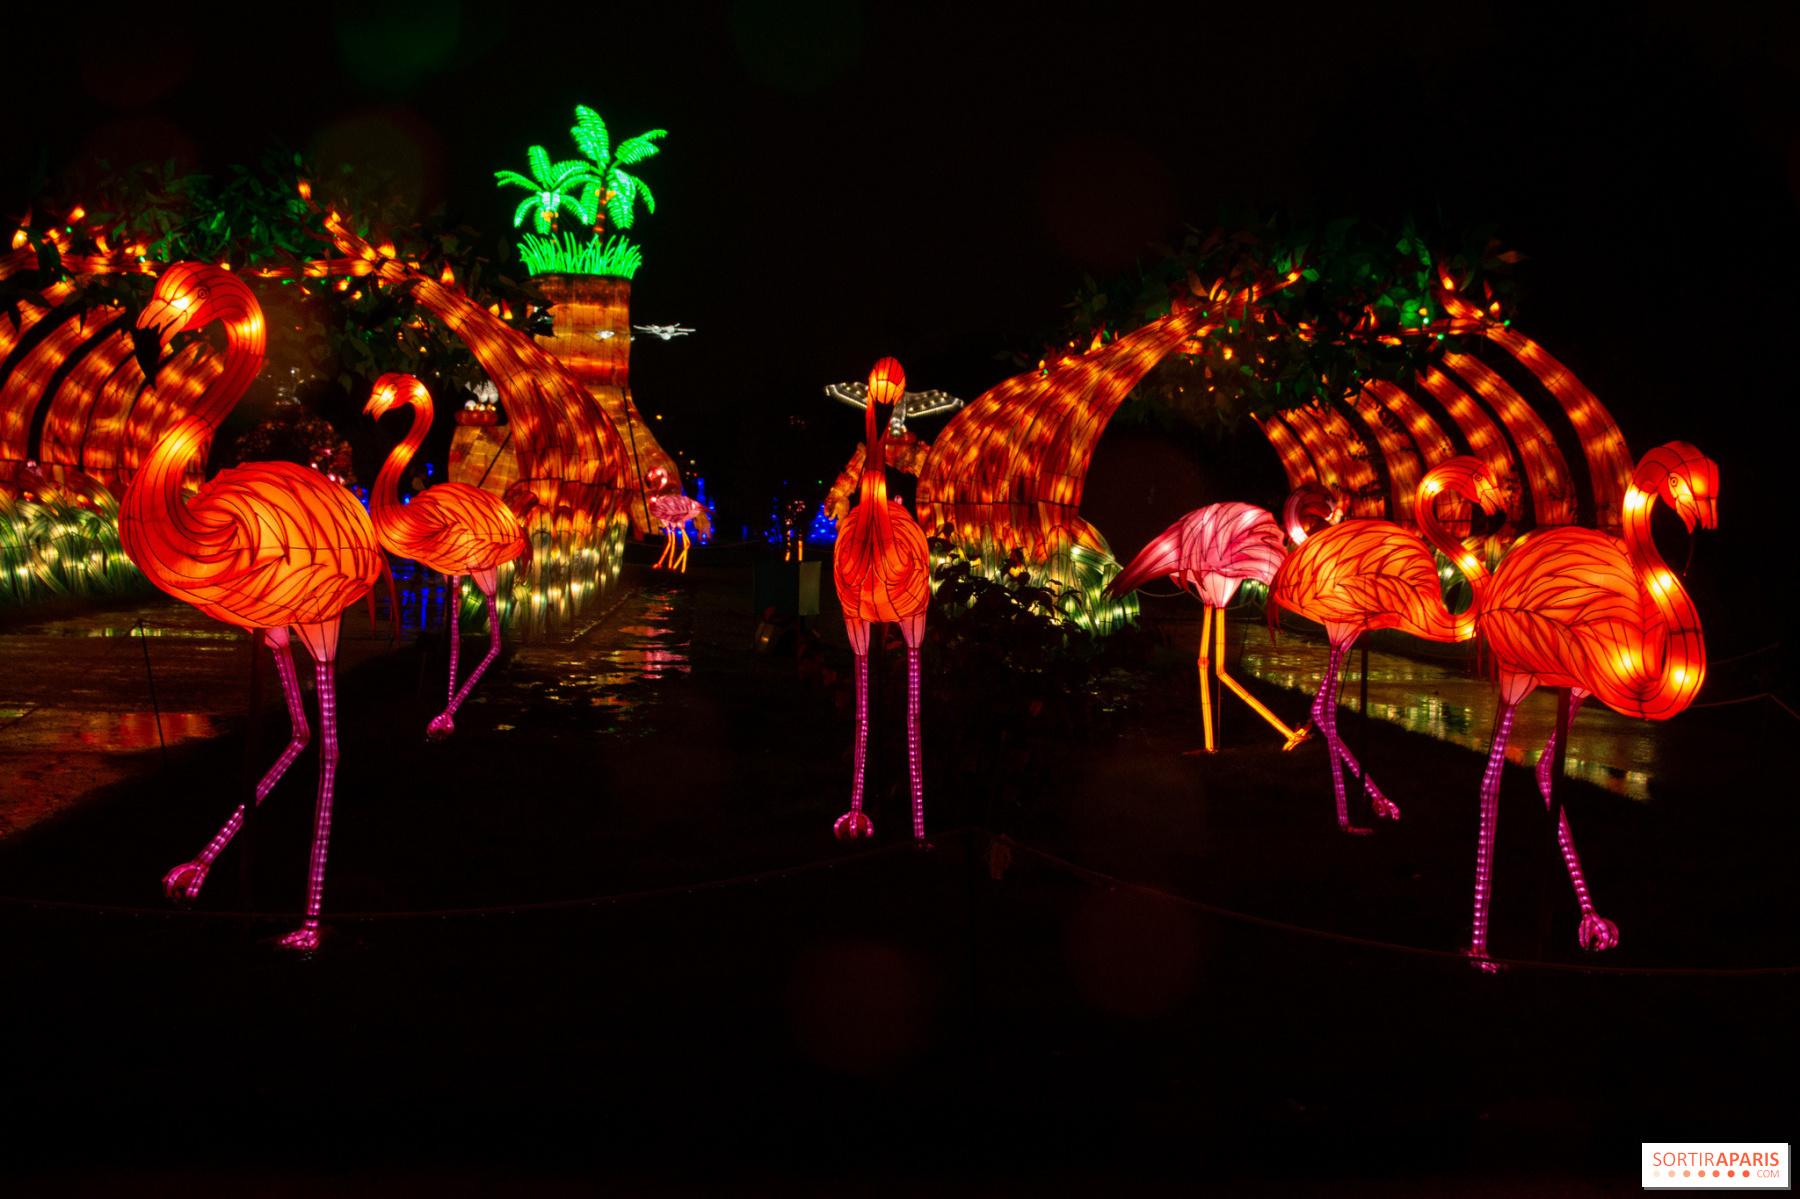 Deco De Noel Dans Le Jardin océan en voie d'illumination, jardin des plantes light